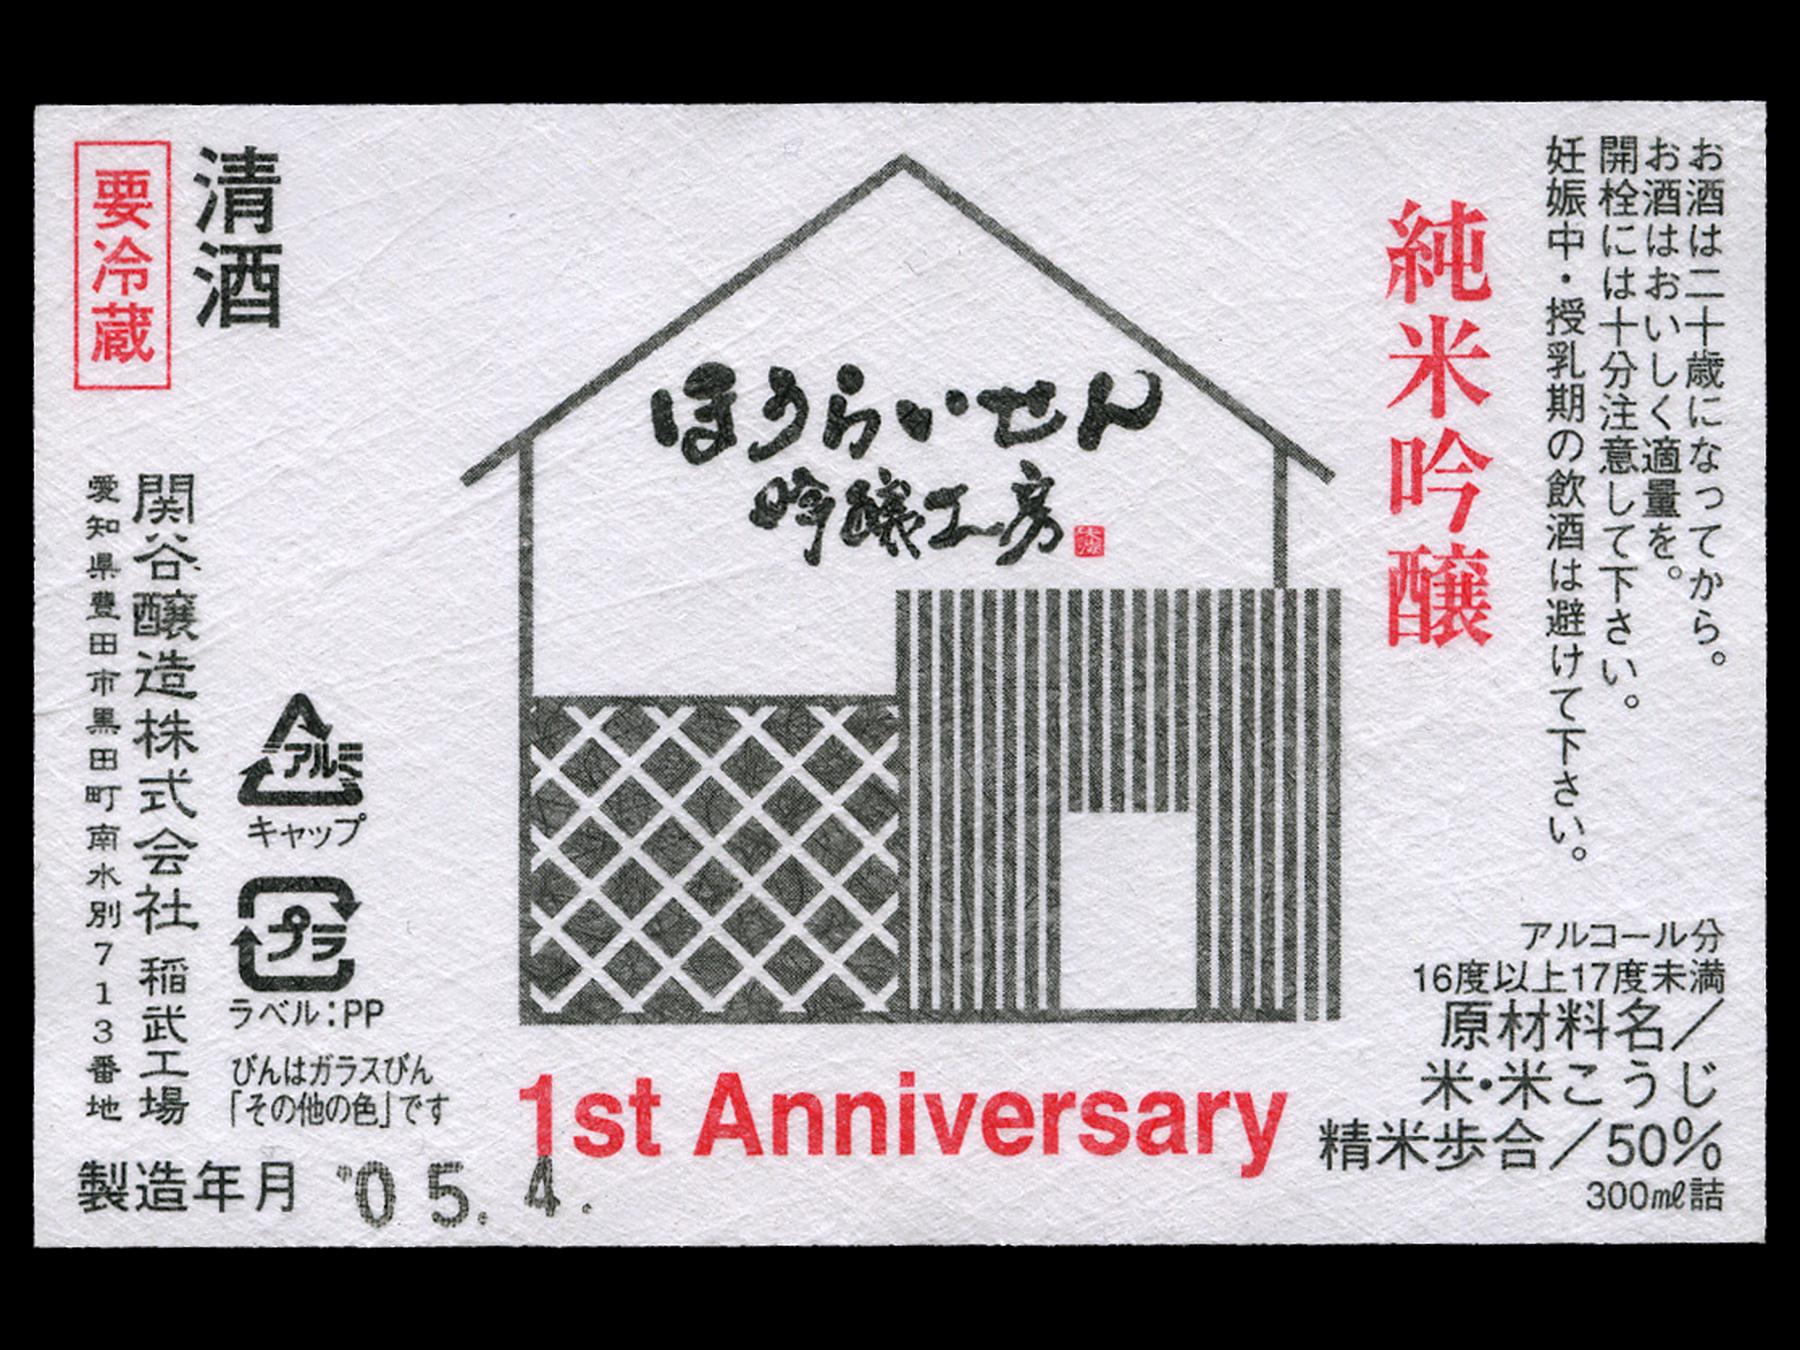 ほうらいせん吟醸工房(ほうらいせんぎんじょうこうぼう)「純米吟醸」一周年記念ラベル